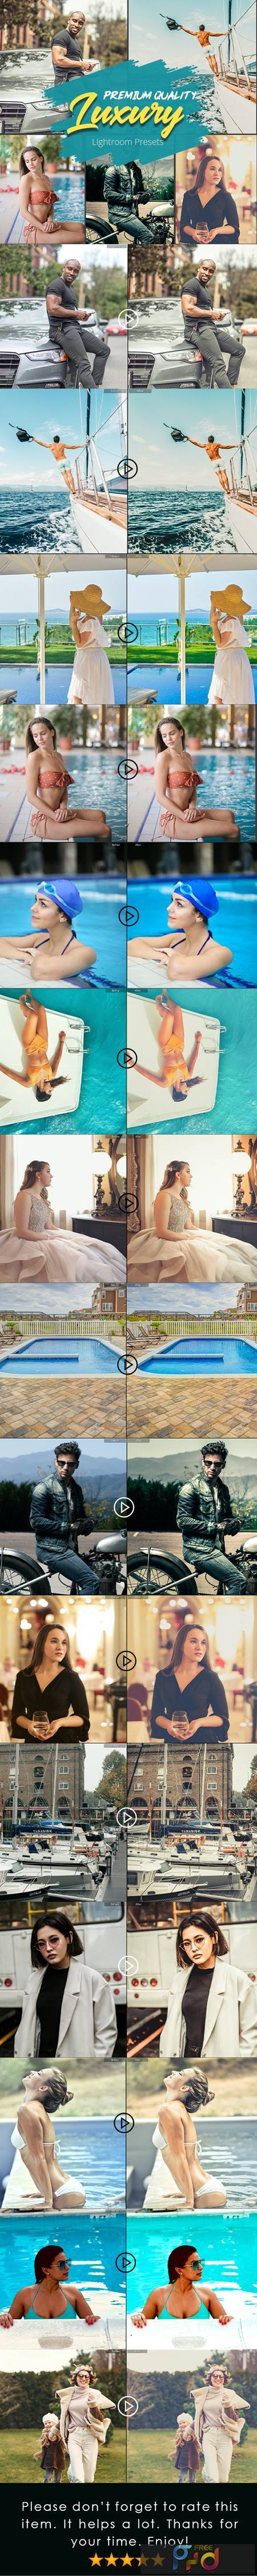 Luxury Lifestyle Insta Presets 26524856 1